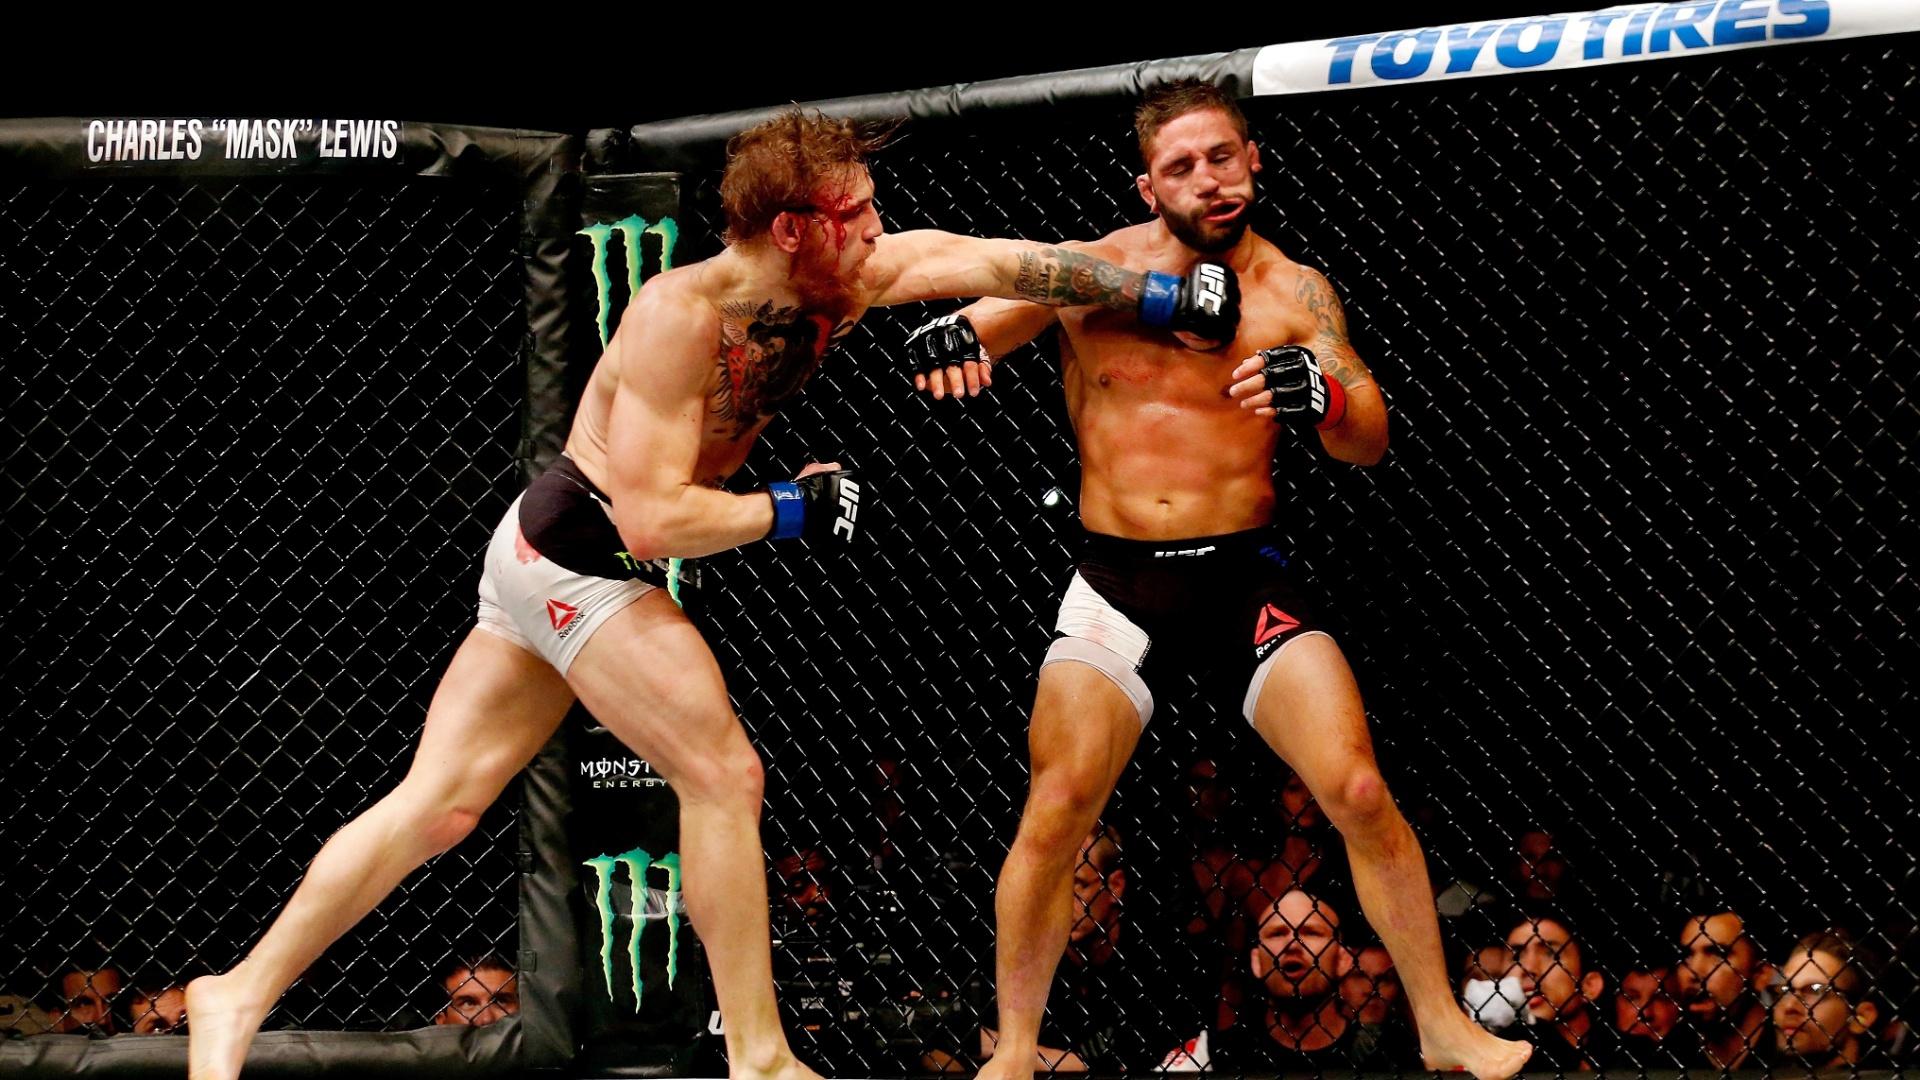 Conor McGregor acerta Chad Mendes e consegue o nocaute no segundo round, para faturar o cinturão interino dos penas do UFC